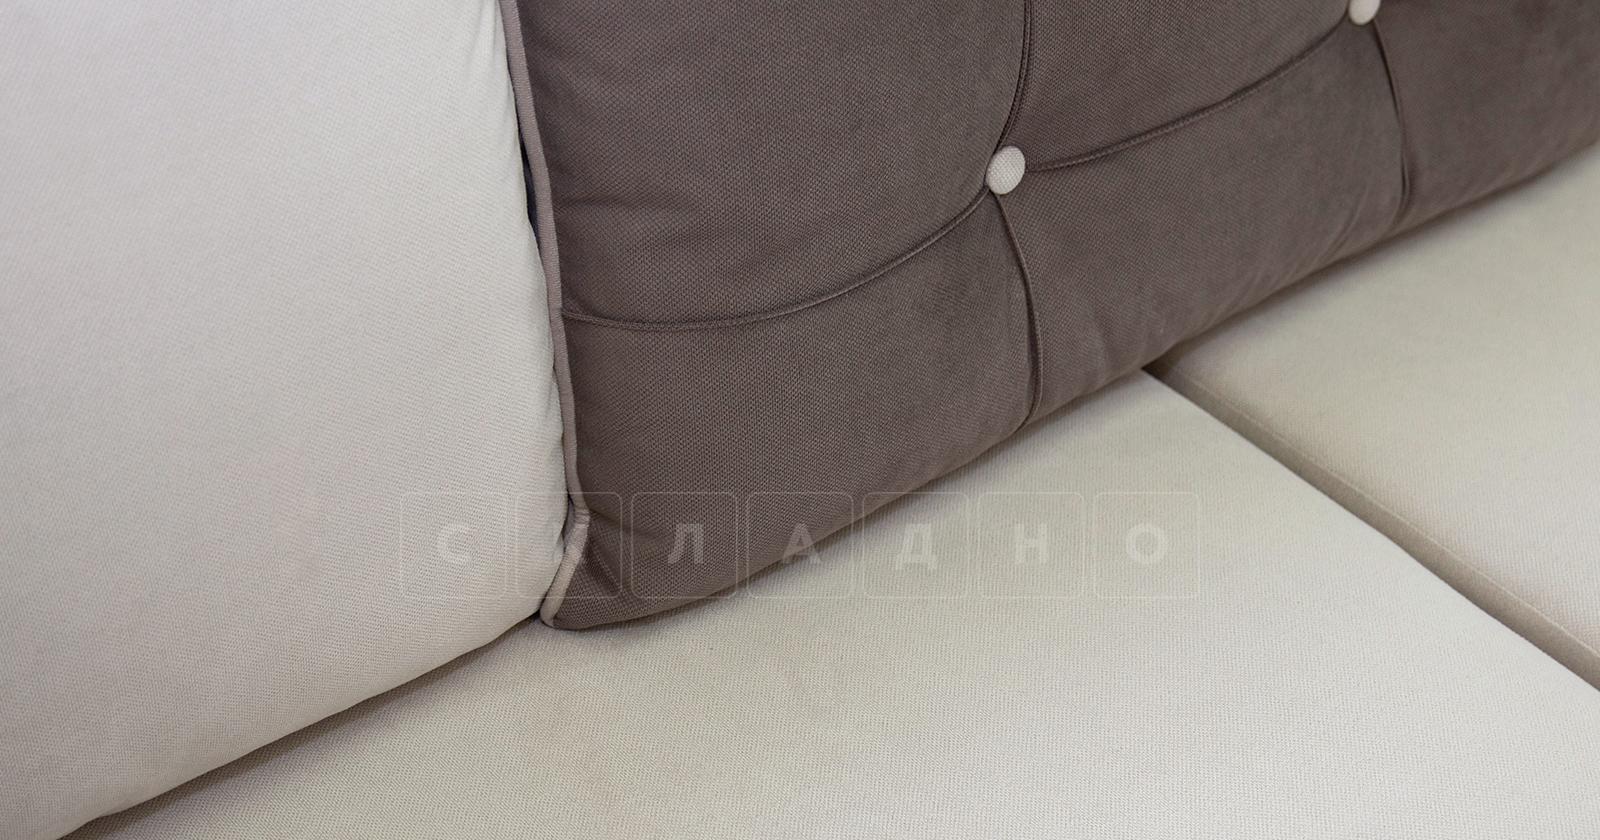 Диван-кровать Флэтфорд серо-бежевый фото 12 | интернет-магазин Складно